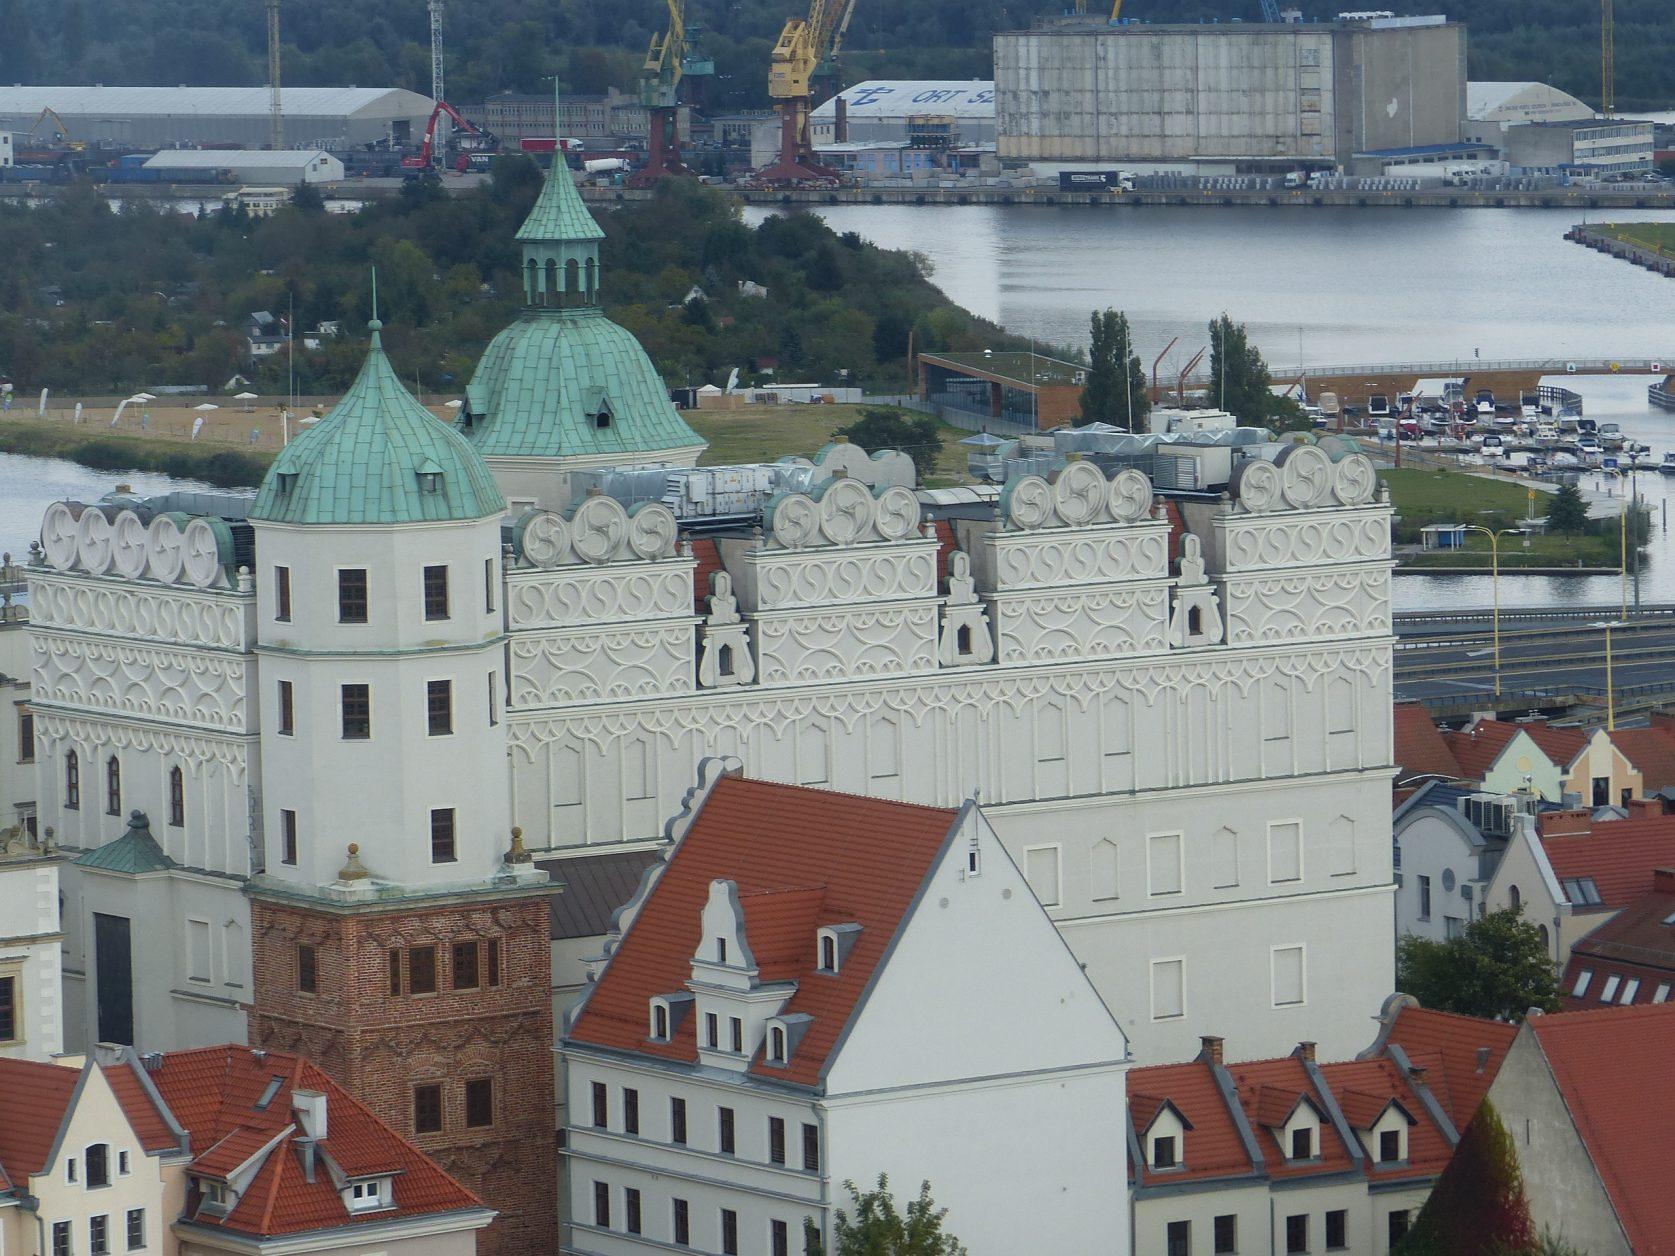 Blick auf das Schloss der Pommerschen Herzöge in Stettin Foto: Weirauch